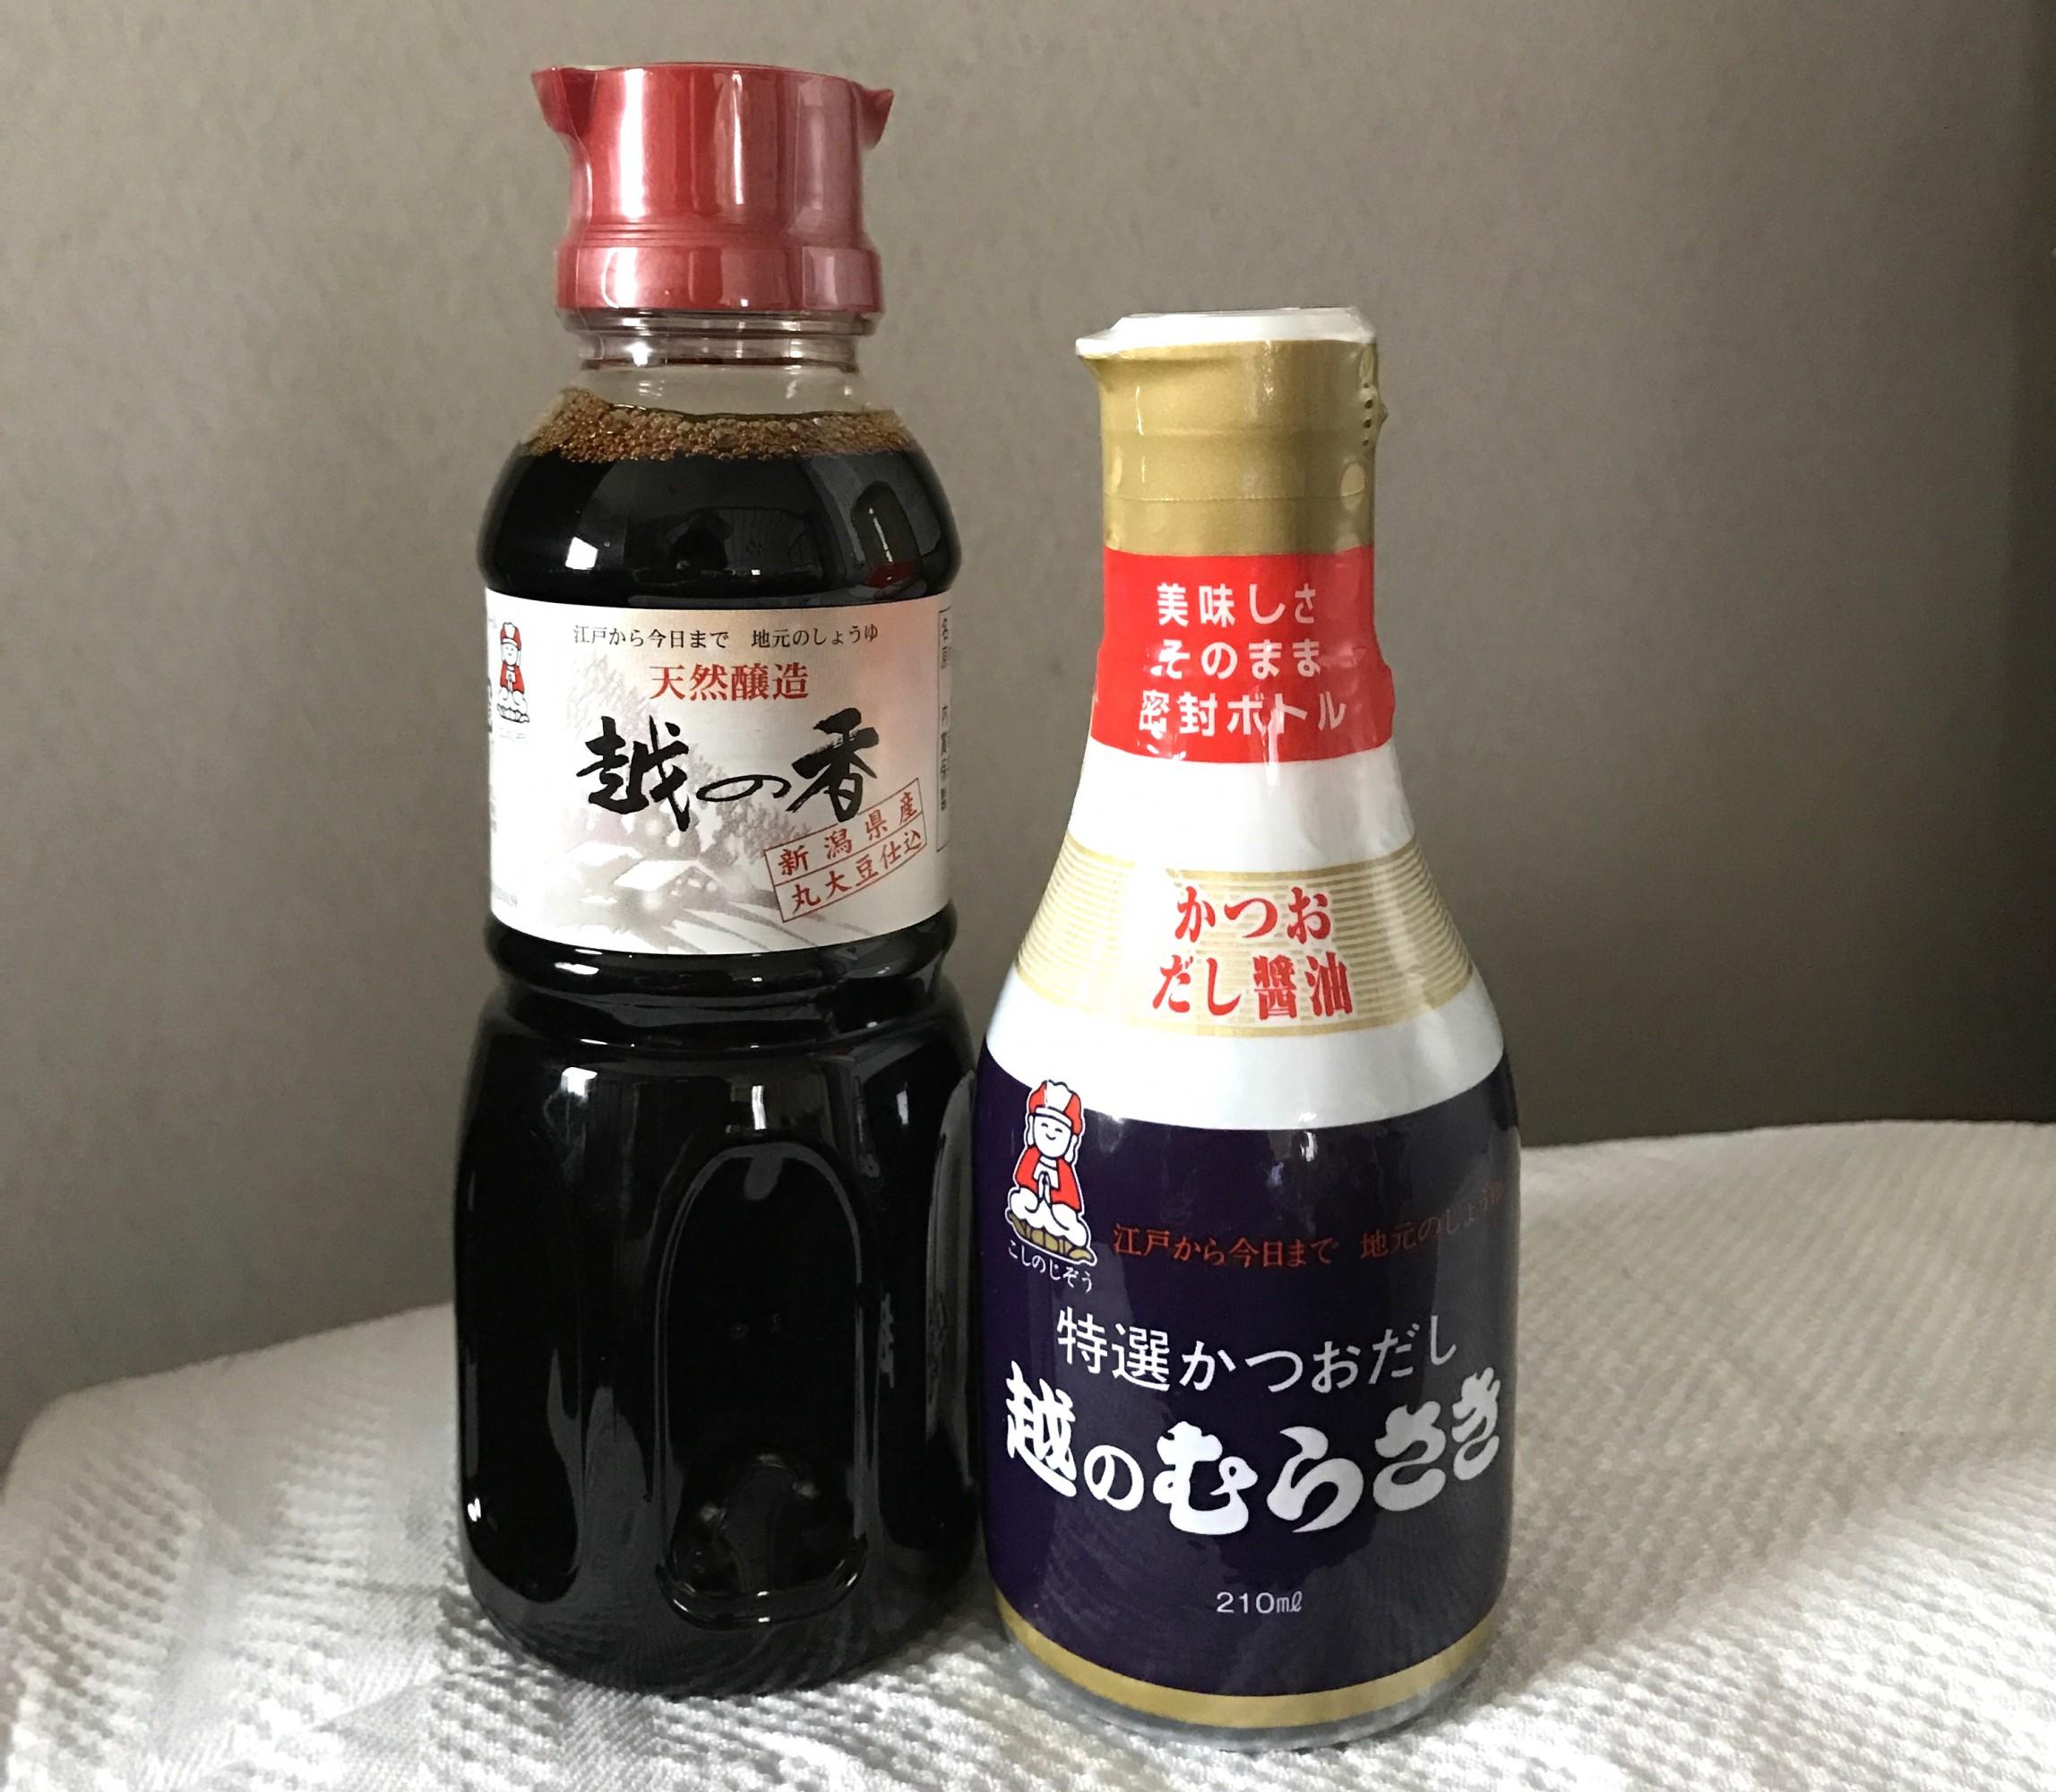 看板商品のだし醤油「特選かつおだし 越のむらさき」のほか、醤油、つゆ、味噌などを製造。家庭用の全商品をここで購入できます。Photo: Akiko Matsumaru